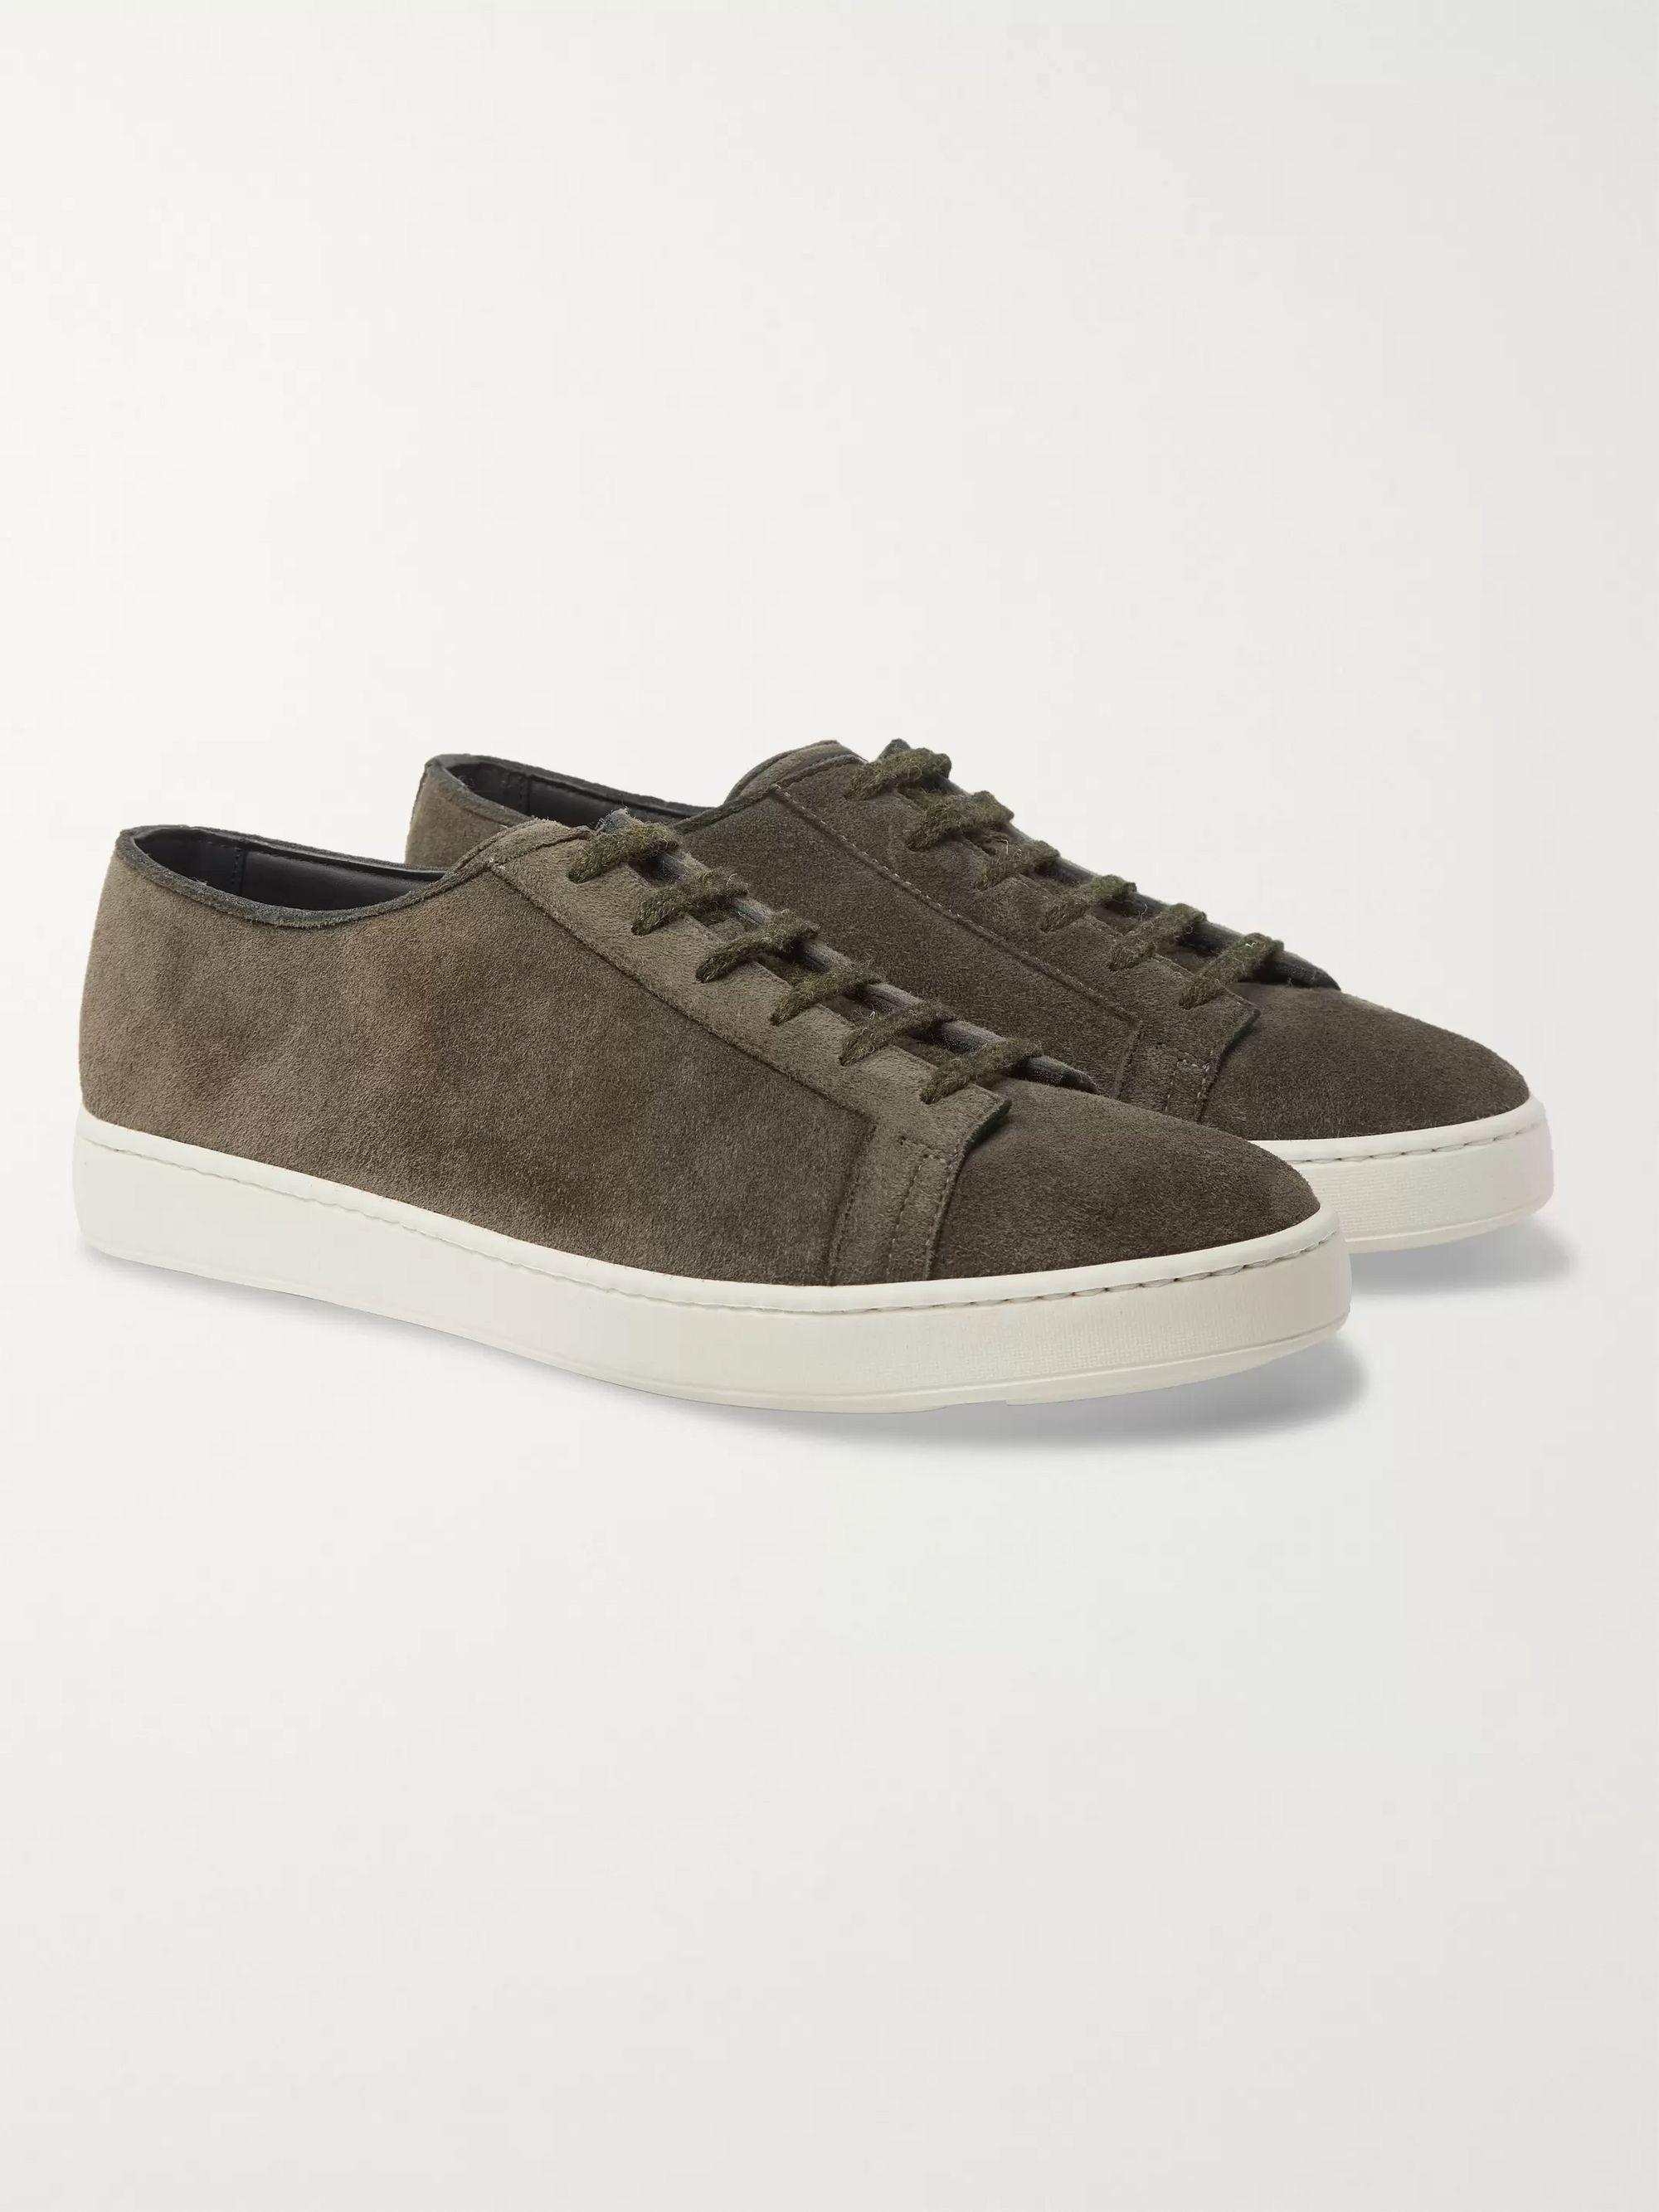 santoni monk strap Schuhe, Santoni Low Sneakers